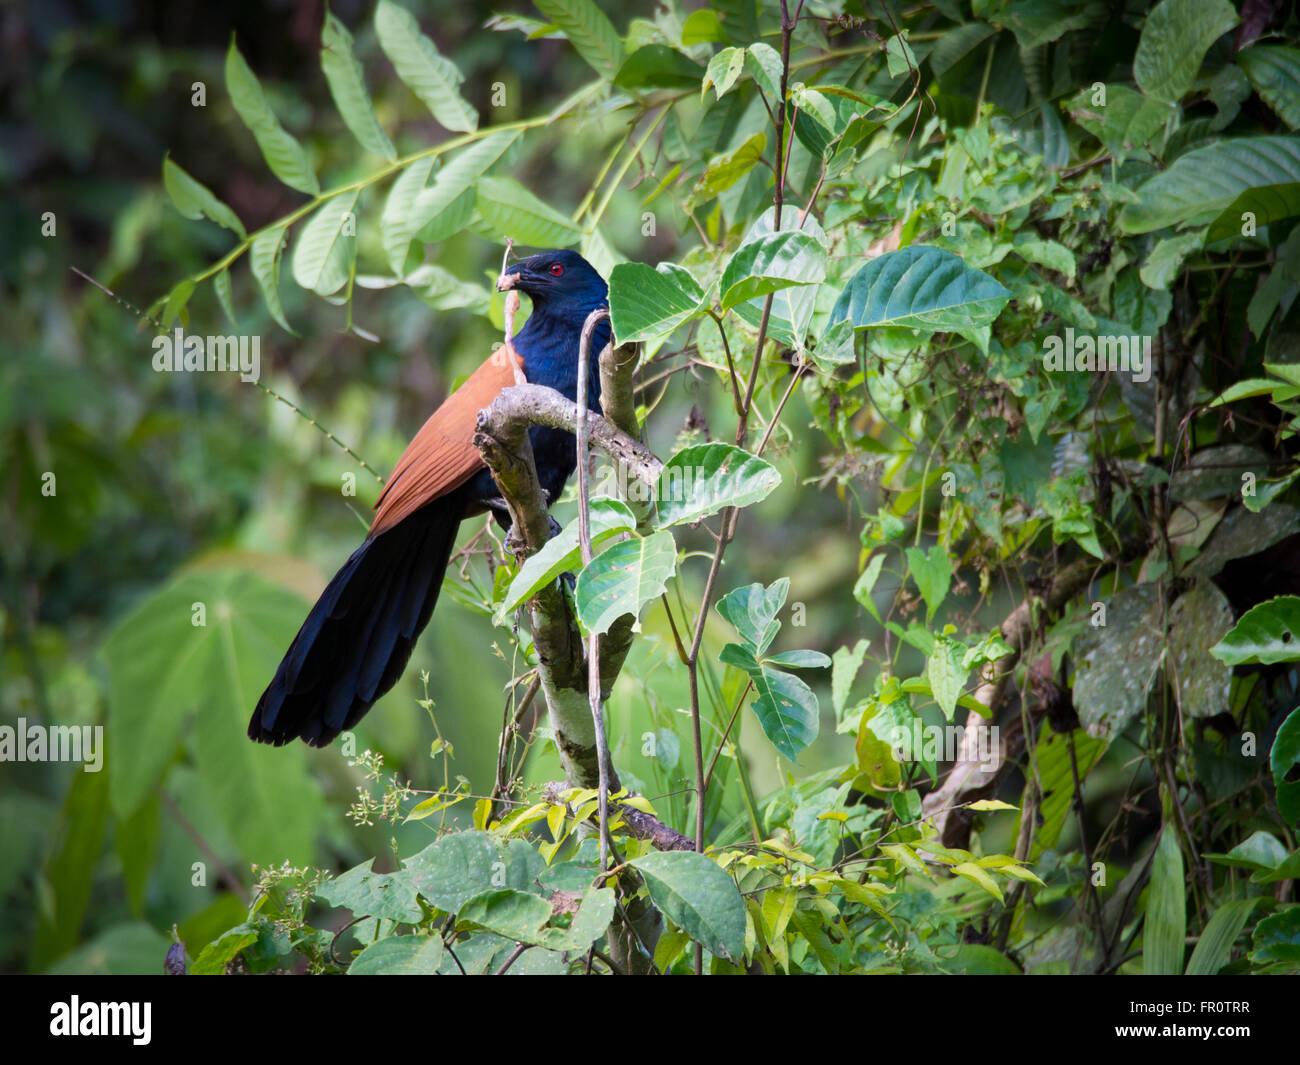 Greater Coucal (Centropus sinensis), Tawau Hills, Sabah, Malaysia - Stock Image